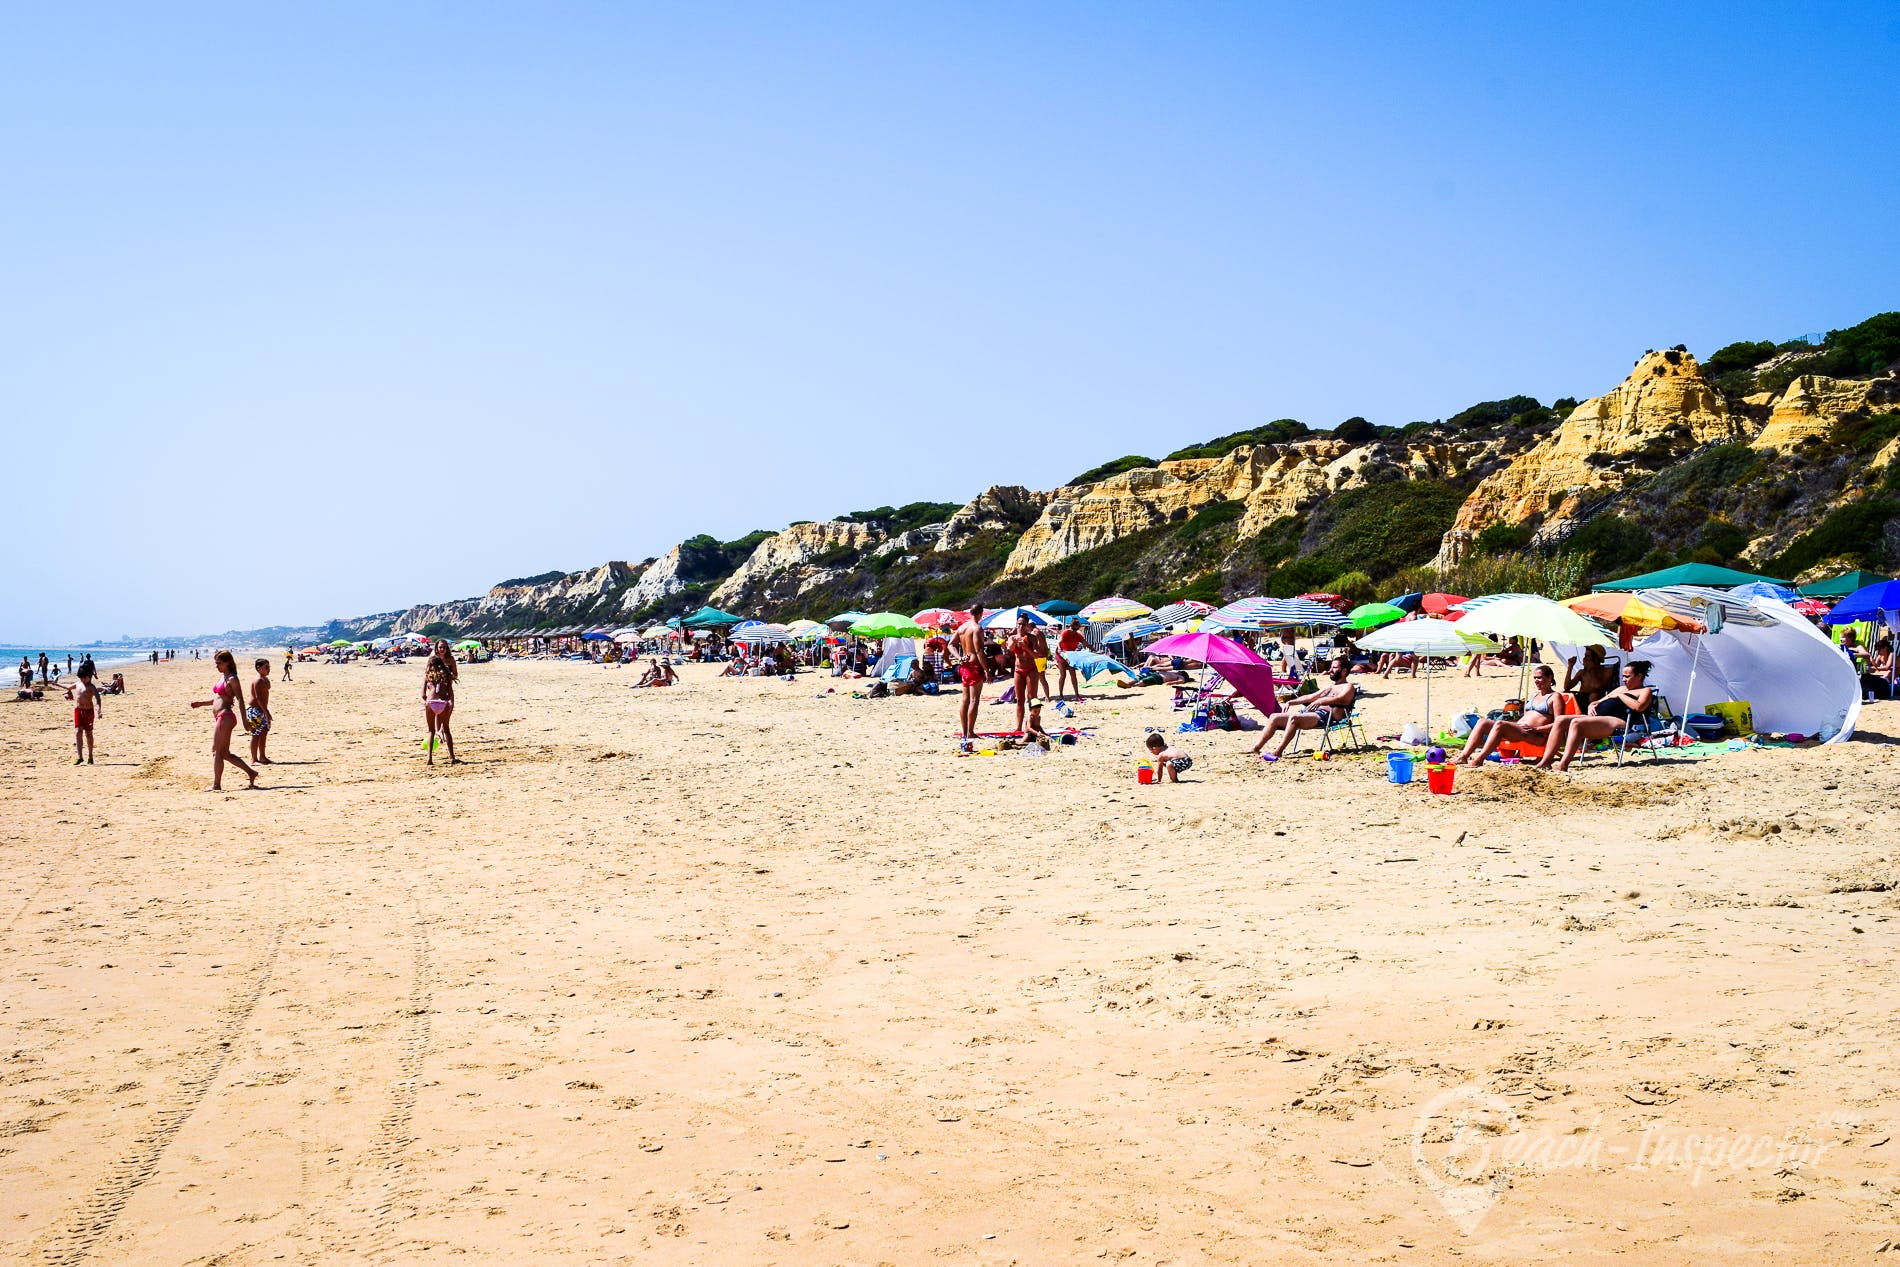 Beach Playa del Parador, Costa de la Luz, Spain